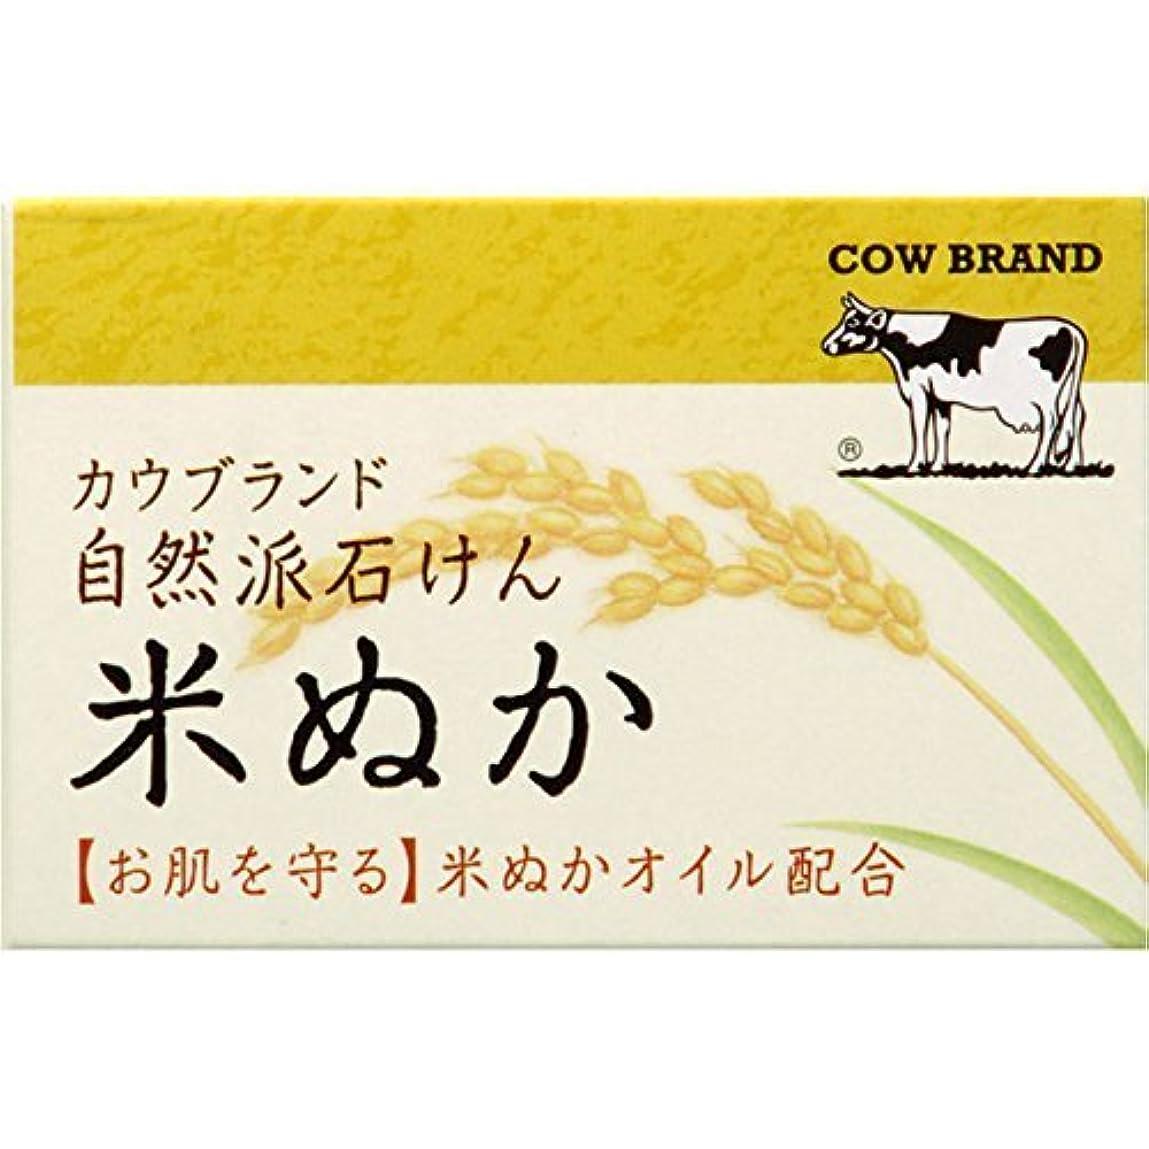 複合ピストル任命するカウブランド 自然派石けん 米ぬか 100g